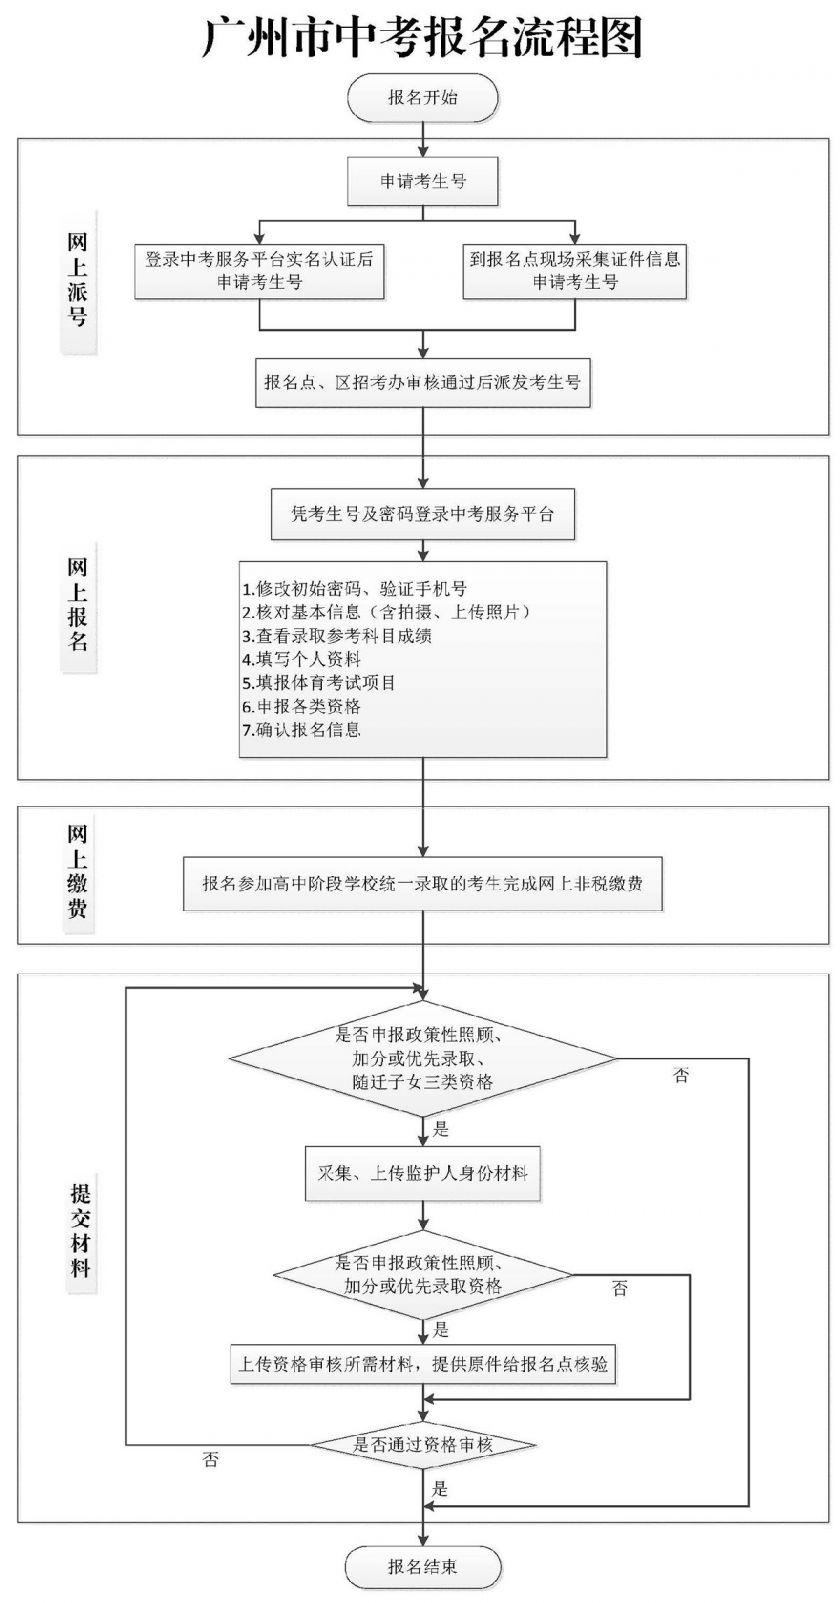 2021广州市中考报名流程图